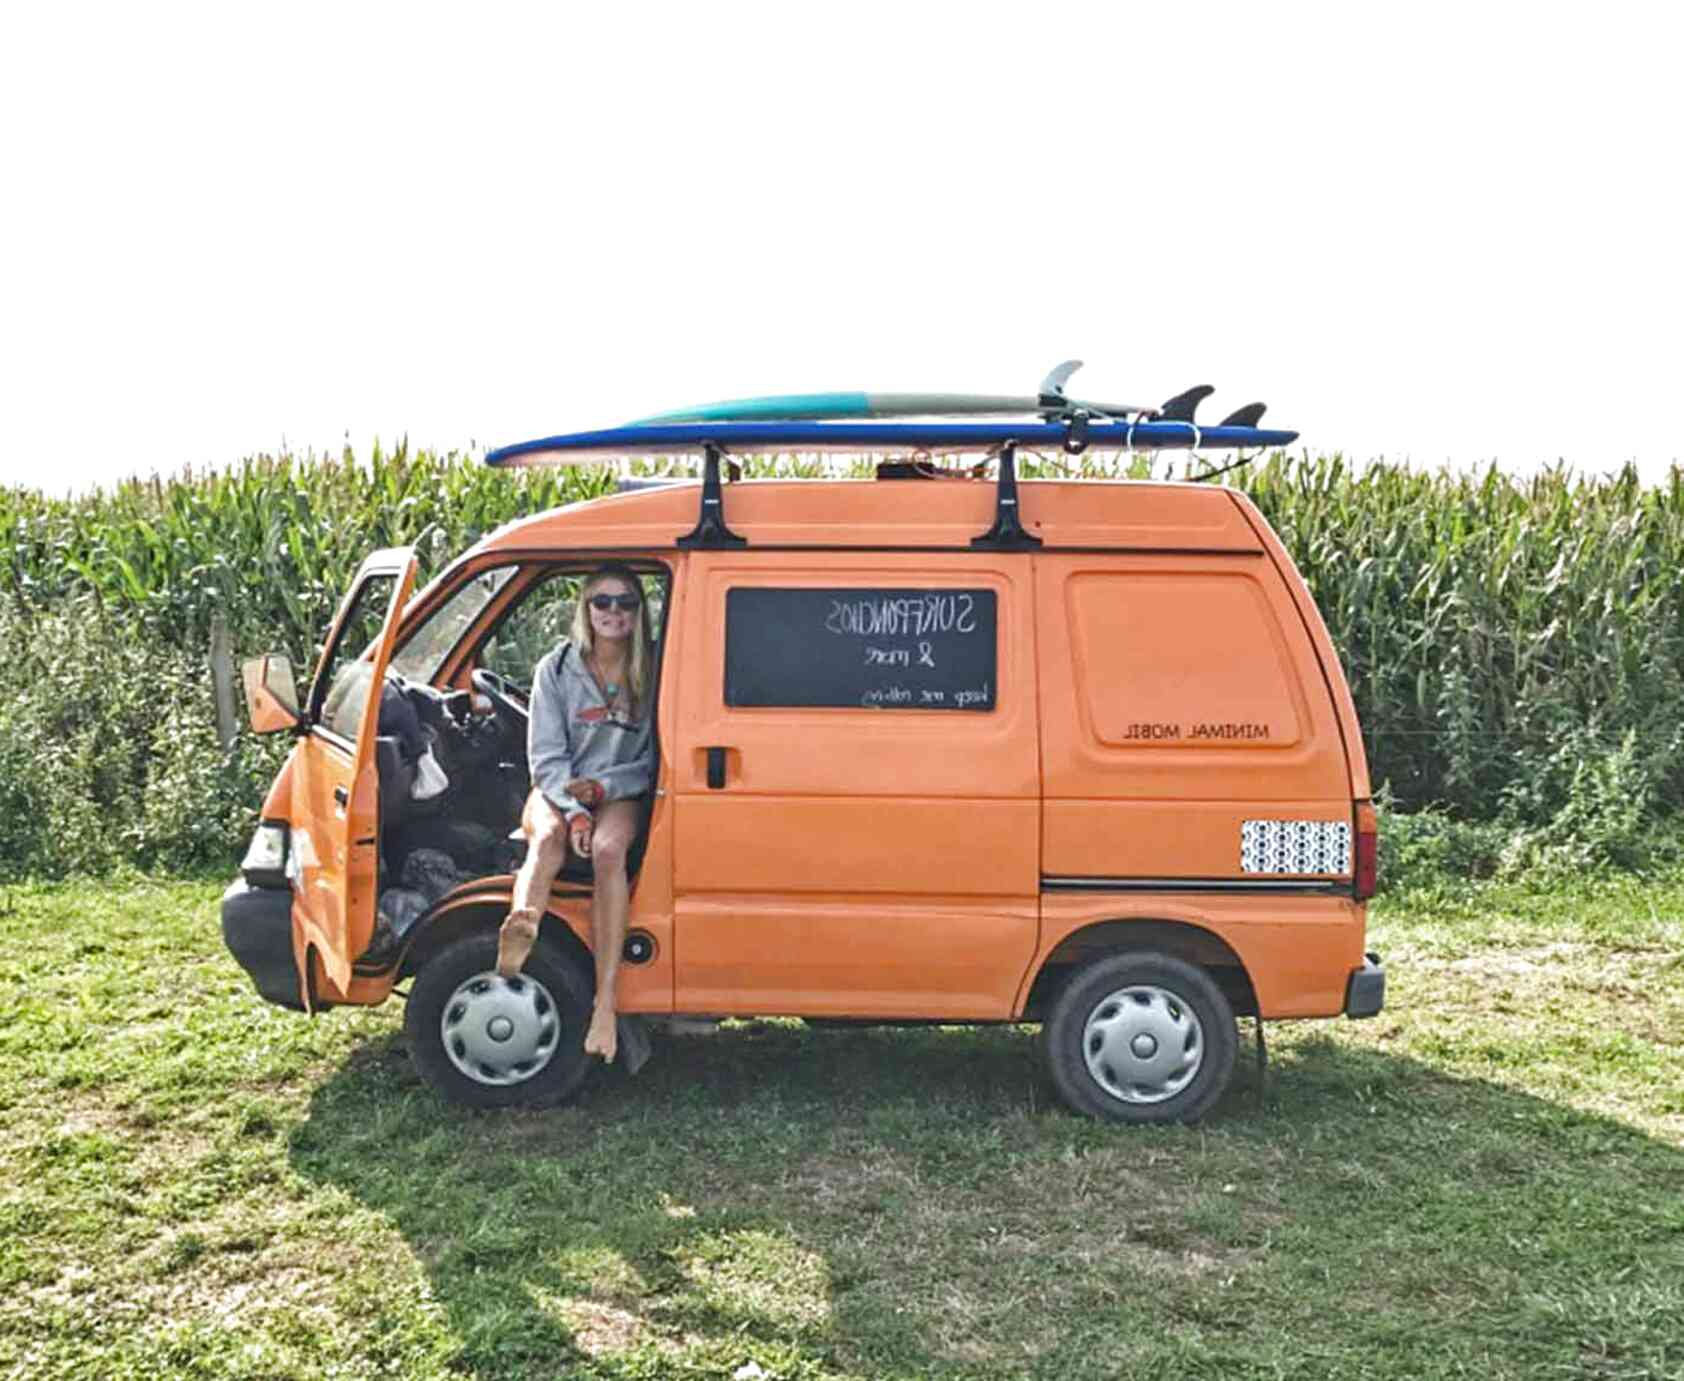 Gebraucht, kleinen tresor für wohnmobil, wohnwagen